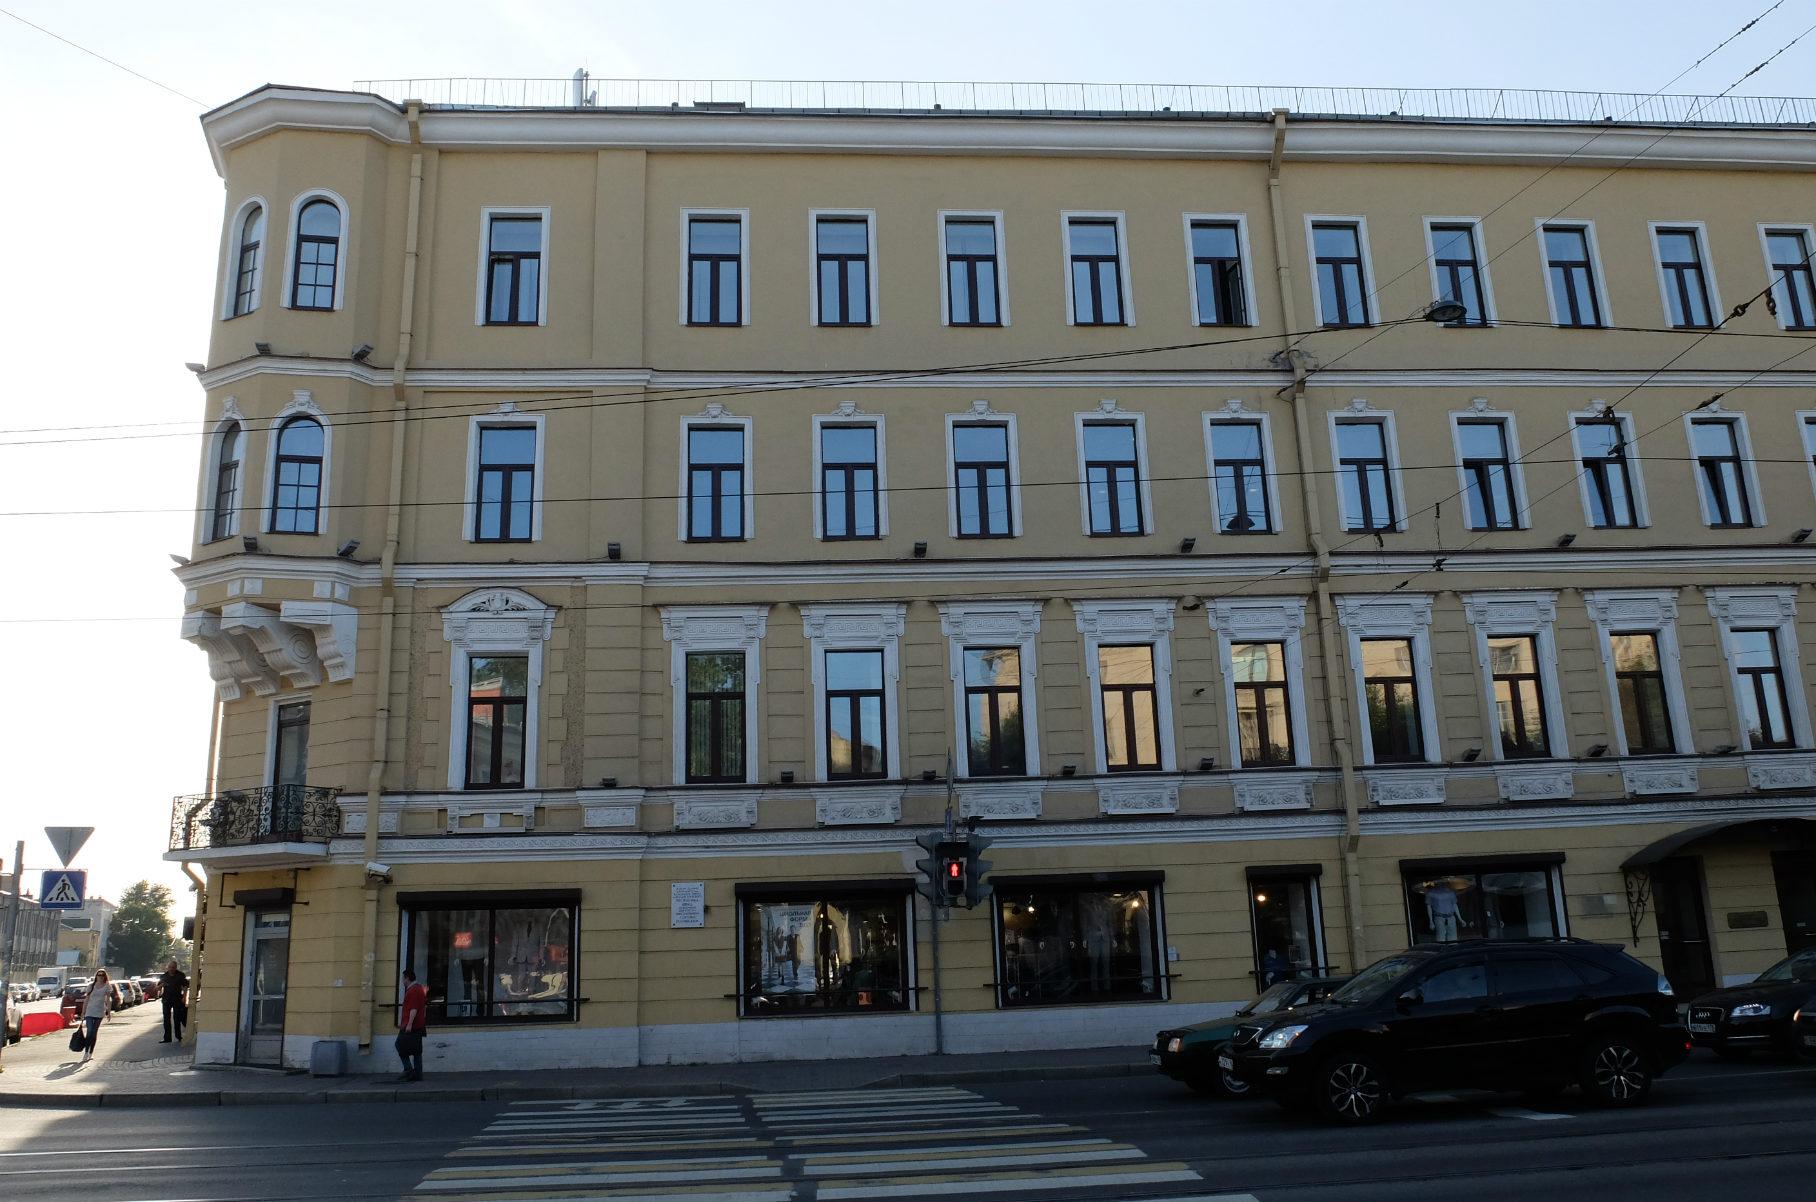 Дом, в котором находилась «Республика Шкид» (Санкт-Петербург)